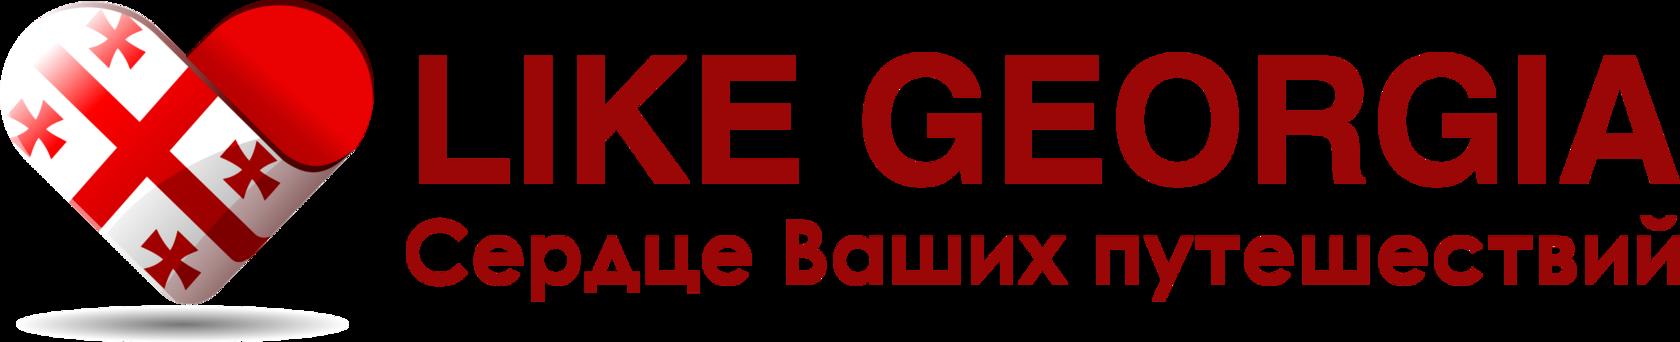 Туры в Грузию От недорогих до индивидуальных